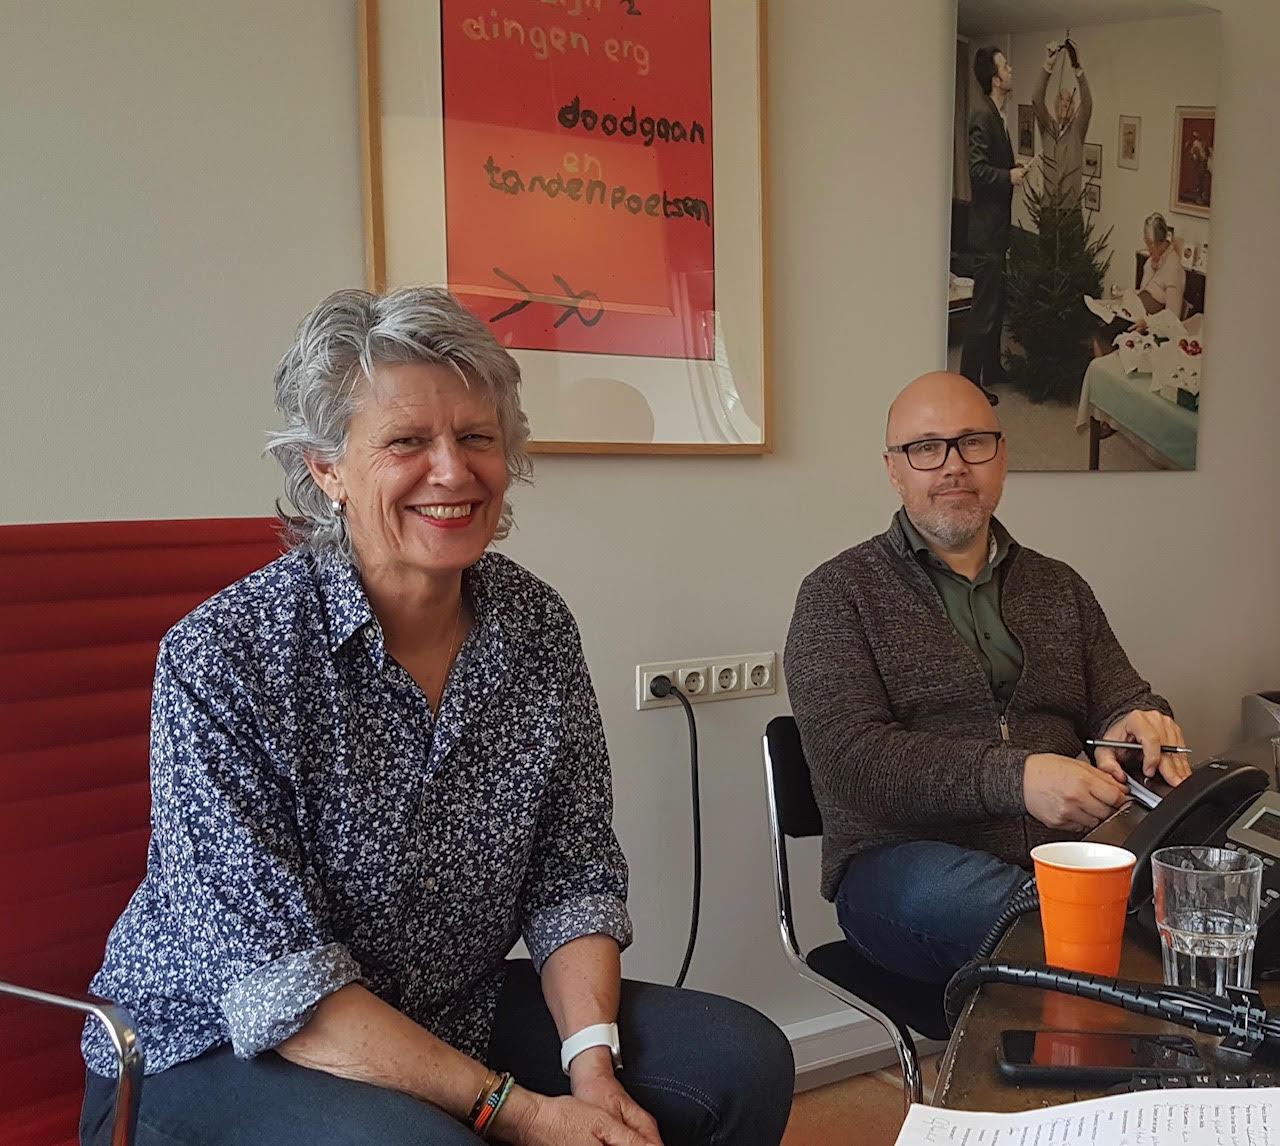 Helen Teunissen vindt in Christian van der Gaag opvolger met zelfde visie